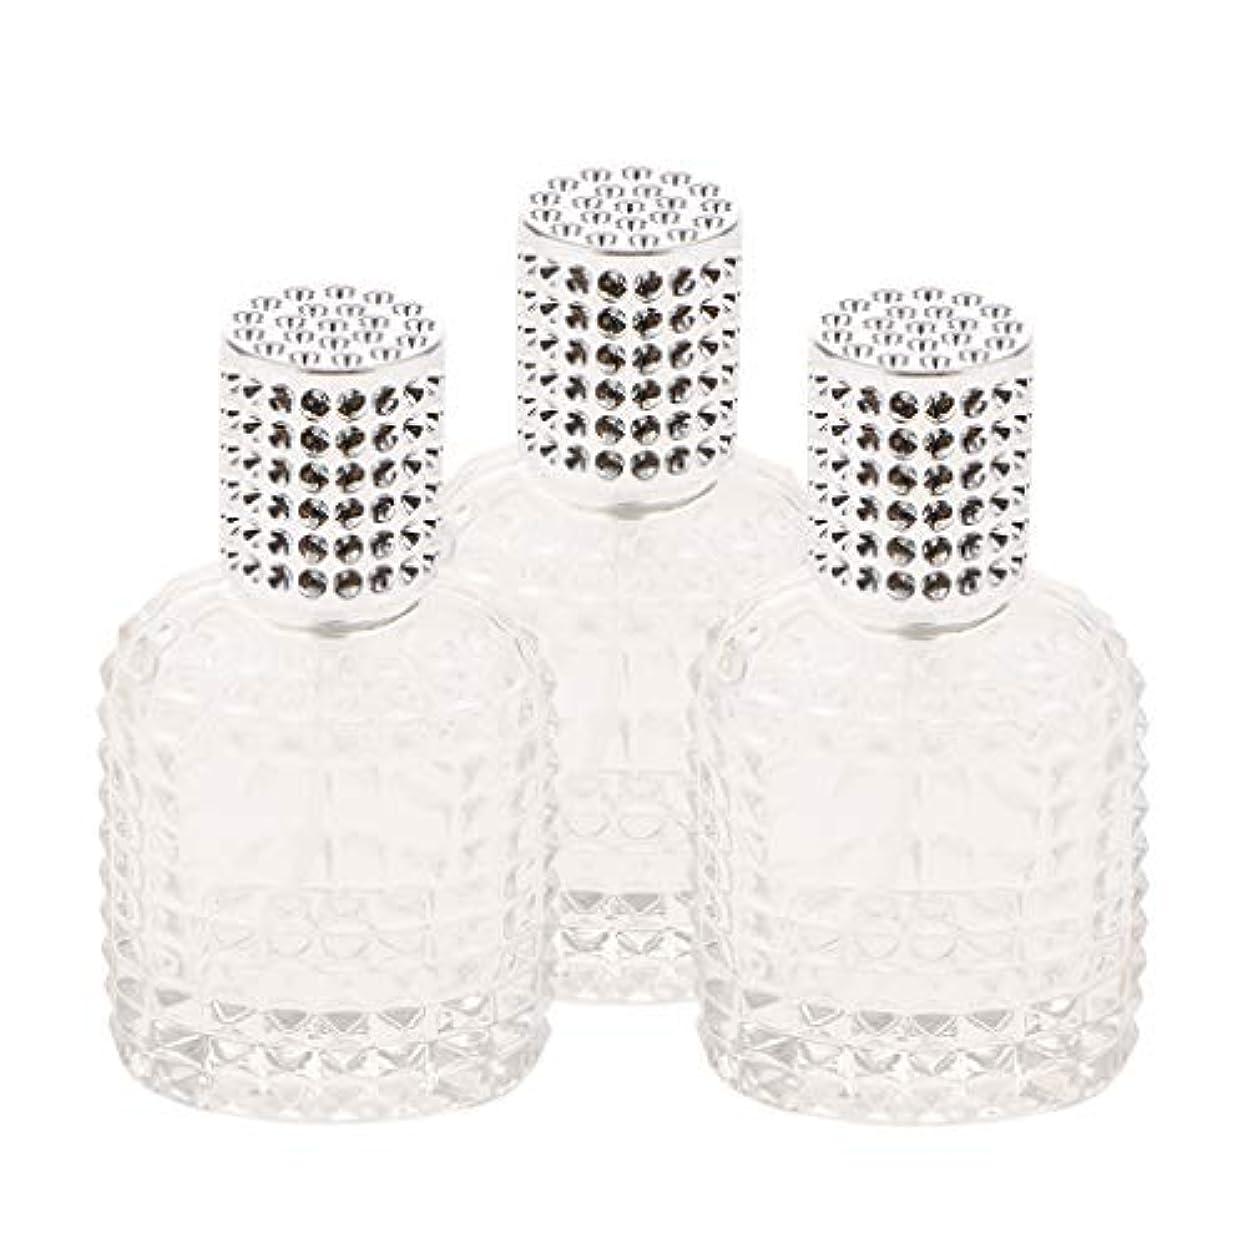 ルアー条件付き関税ミニ ガラス 香水瓶 パイナップル形 スプレー瓶 携帯用 詰め替え可能 50ml